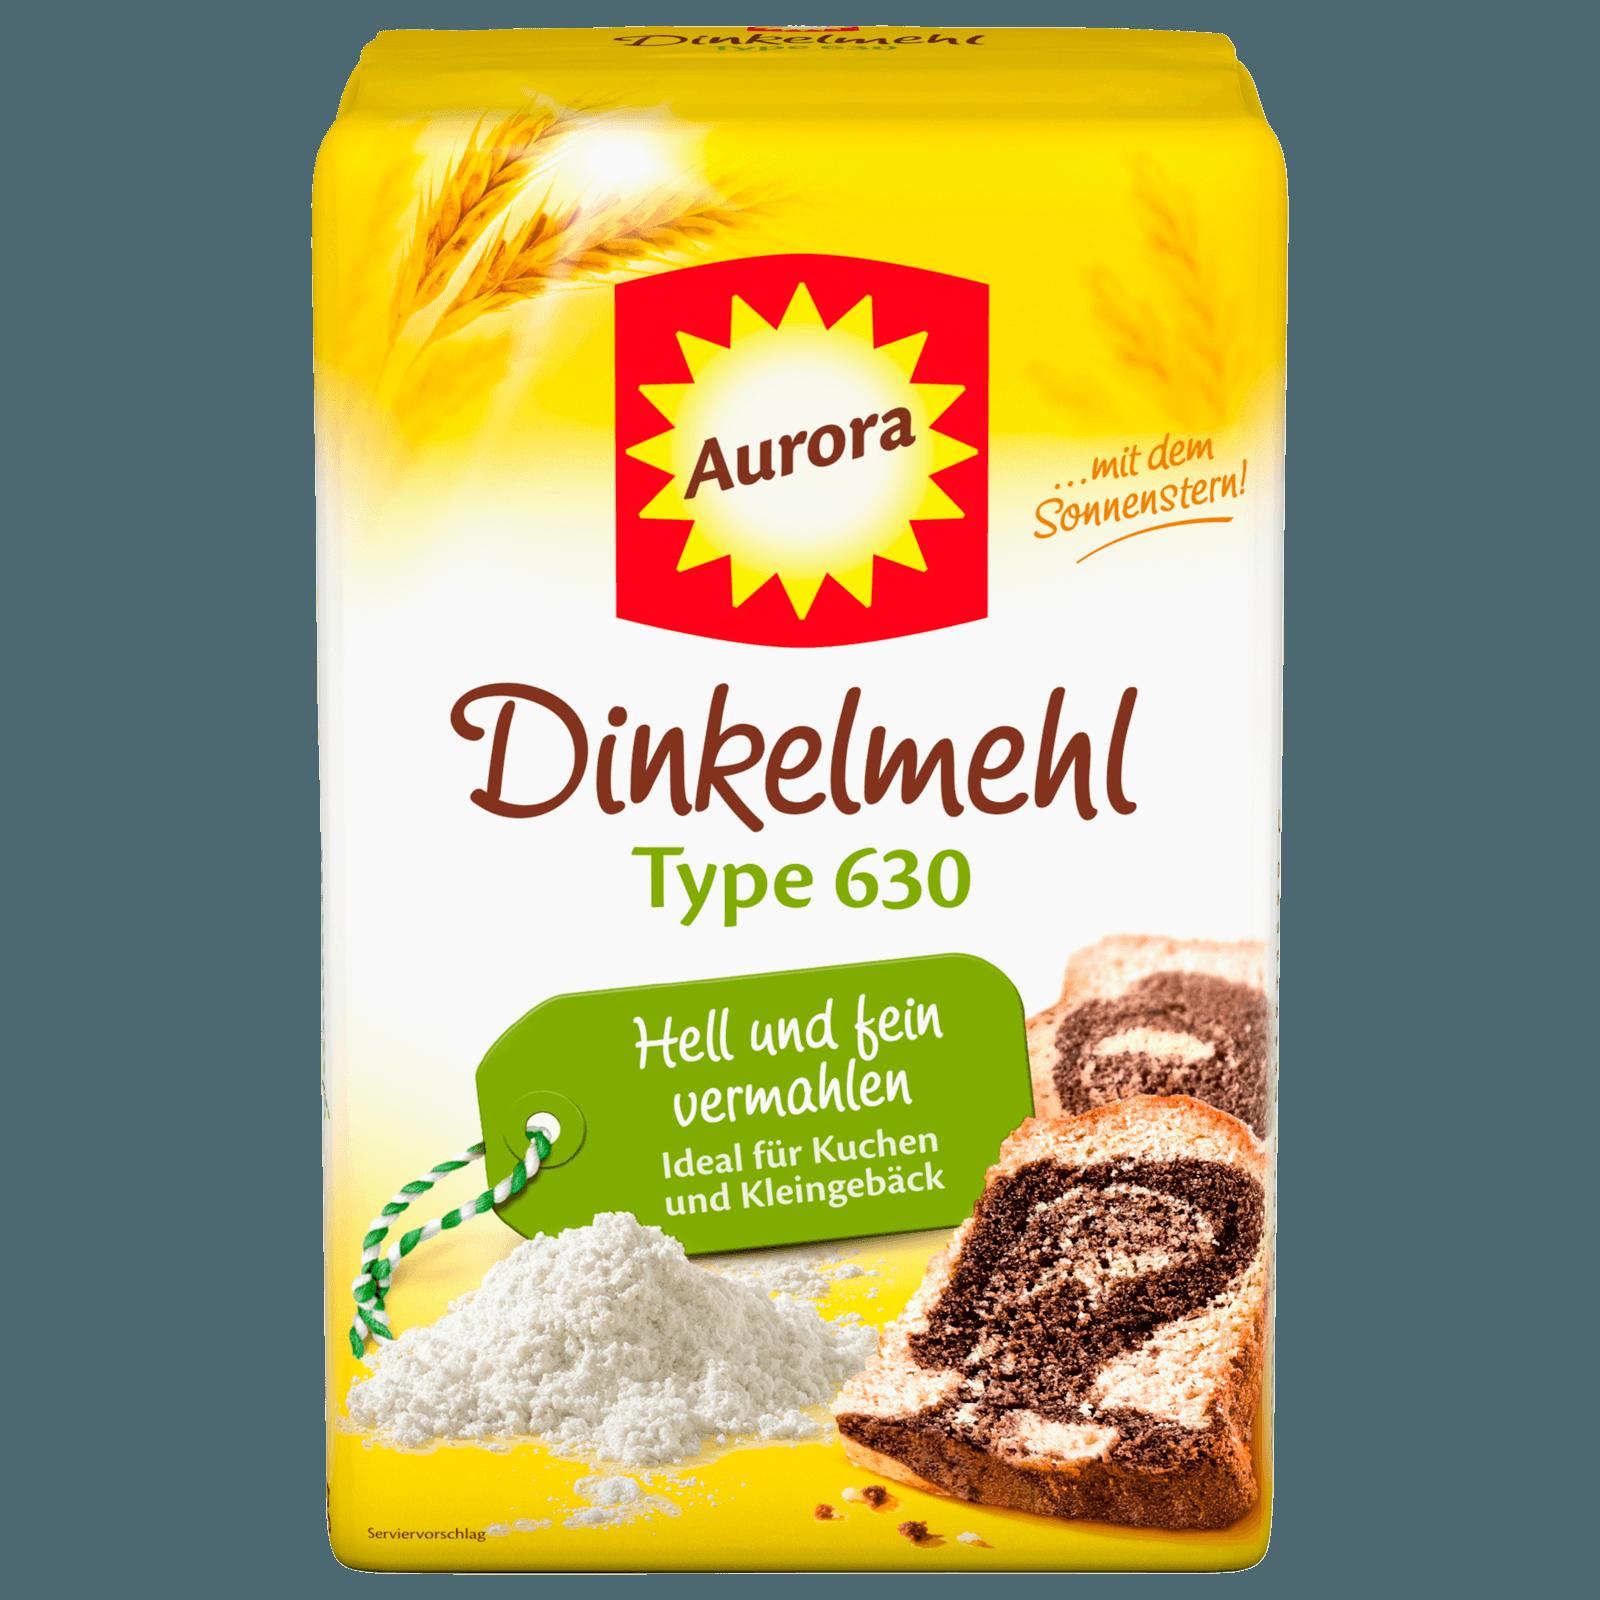 Aurora Dinkelmehl Type 630 1kg Bei Rewe Online Bestellen